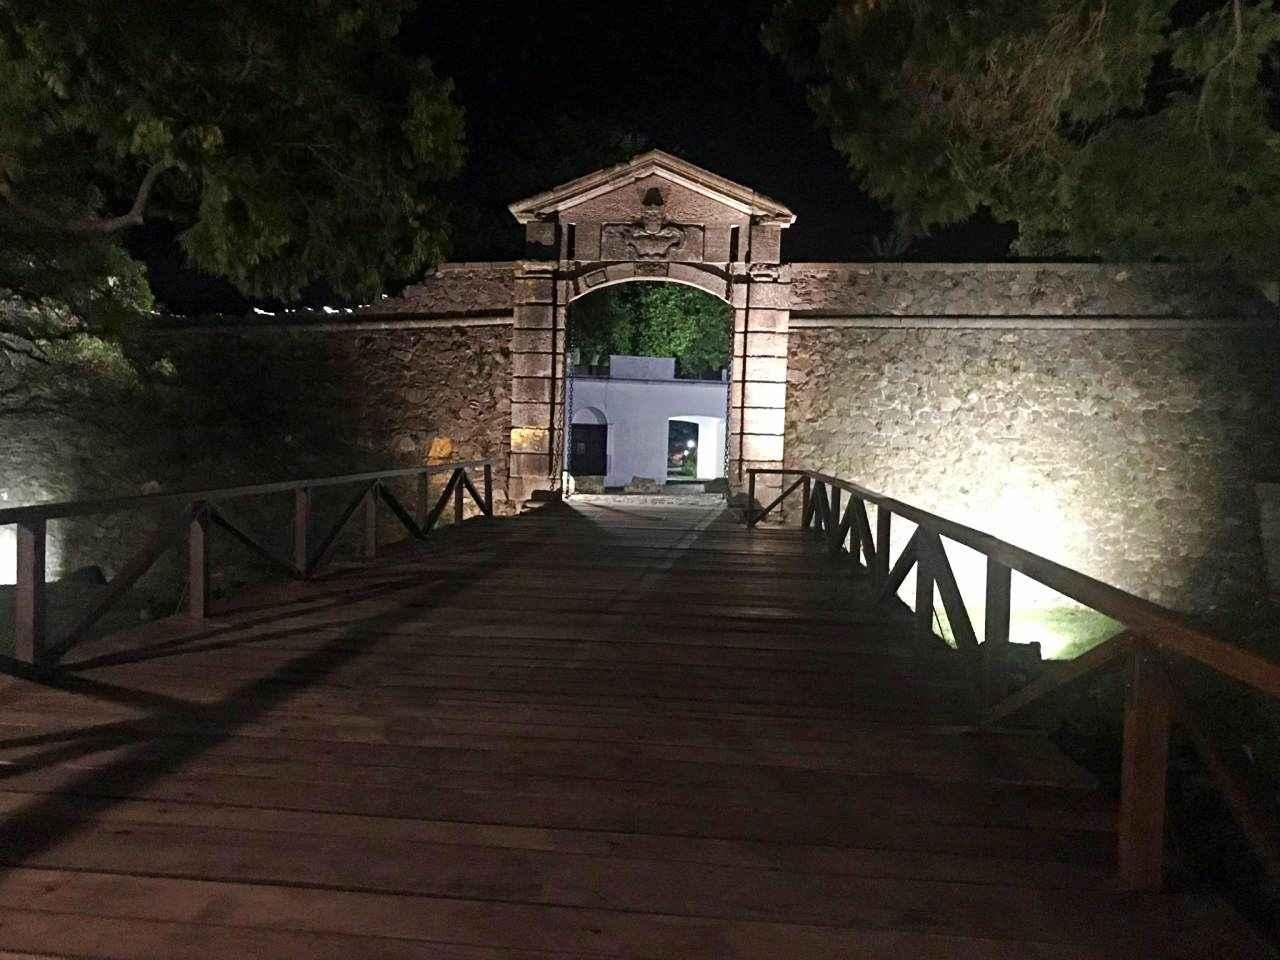 Puerta de la Ciudadela, Colonia del sacramento